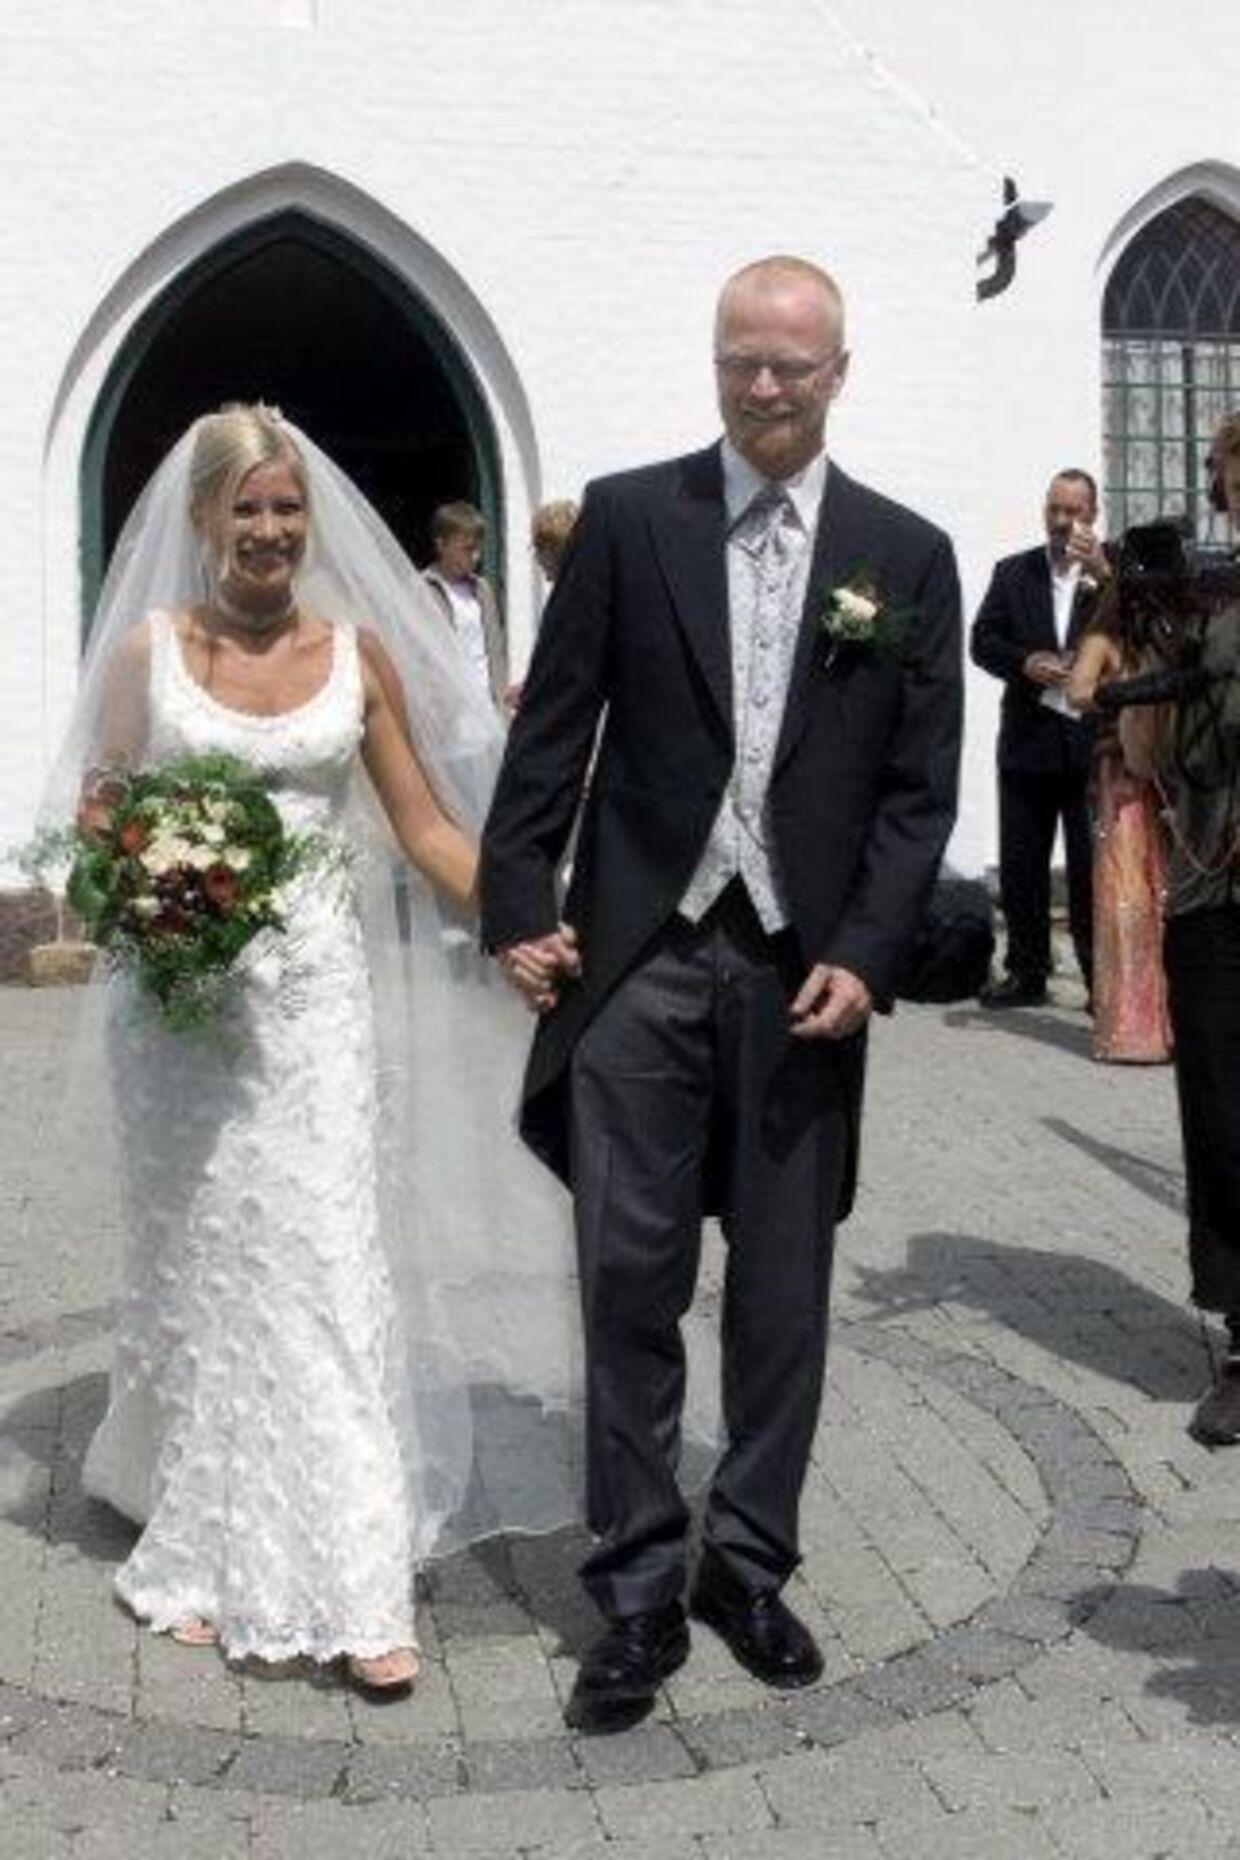 Karen og Jens på vej til reception efter kirkebrylluppet. Med fine ringe med hinandens navne ingraveret og skrevet i runer. Karens smukke kjole var shoppet i Bride Fashion i Virum. Når parret i næste uge tager på bryllupsrejse, går turen til Annesy i Sydfrankrig. Som er det sted, hvor Jens friede. Foto: Morten Thun